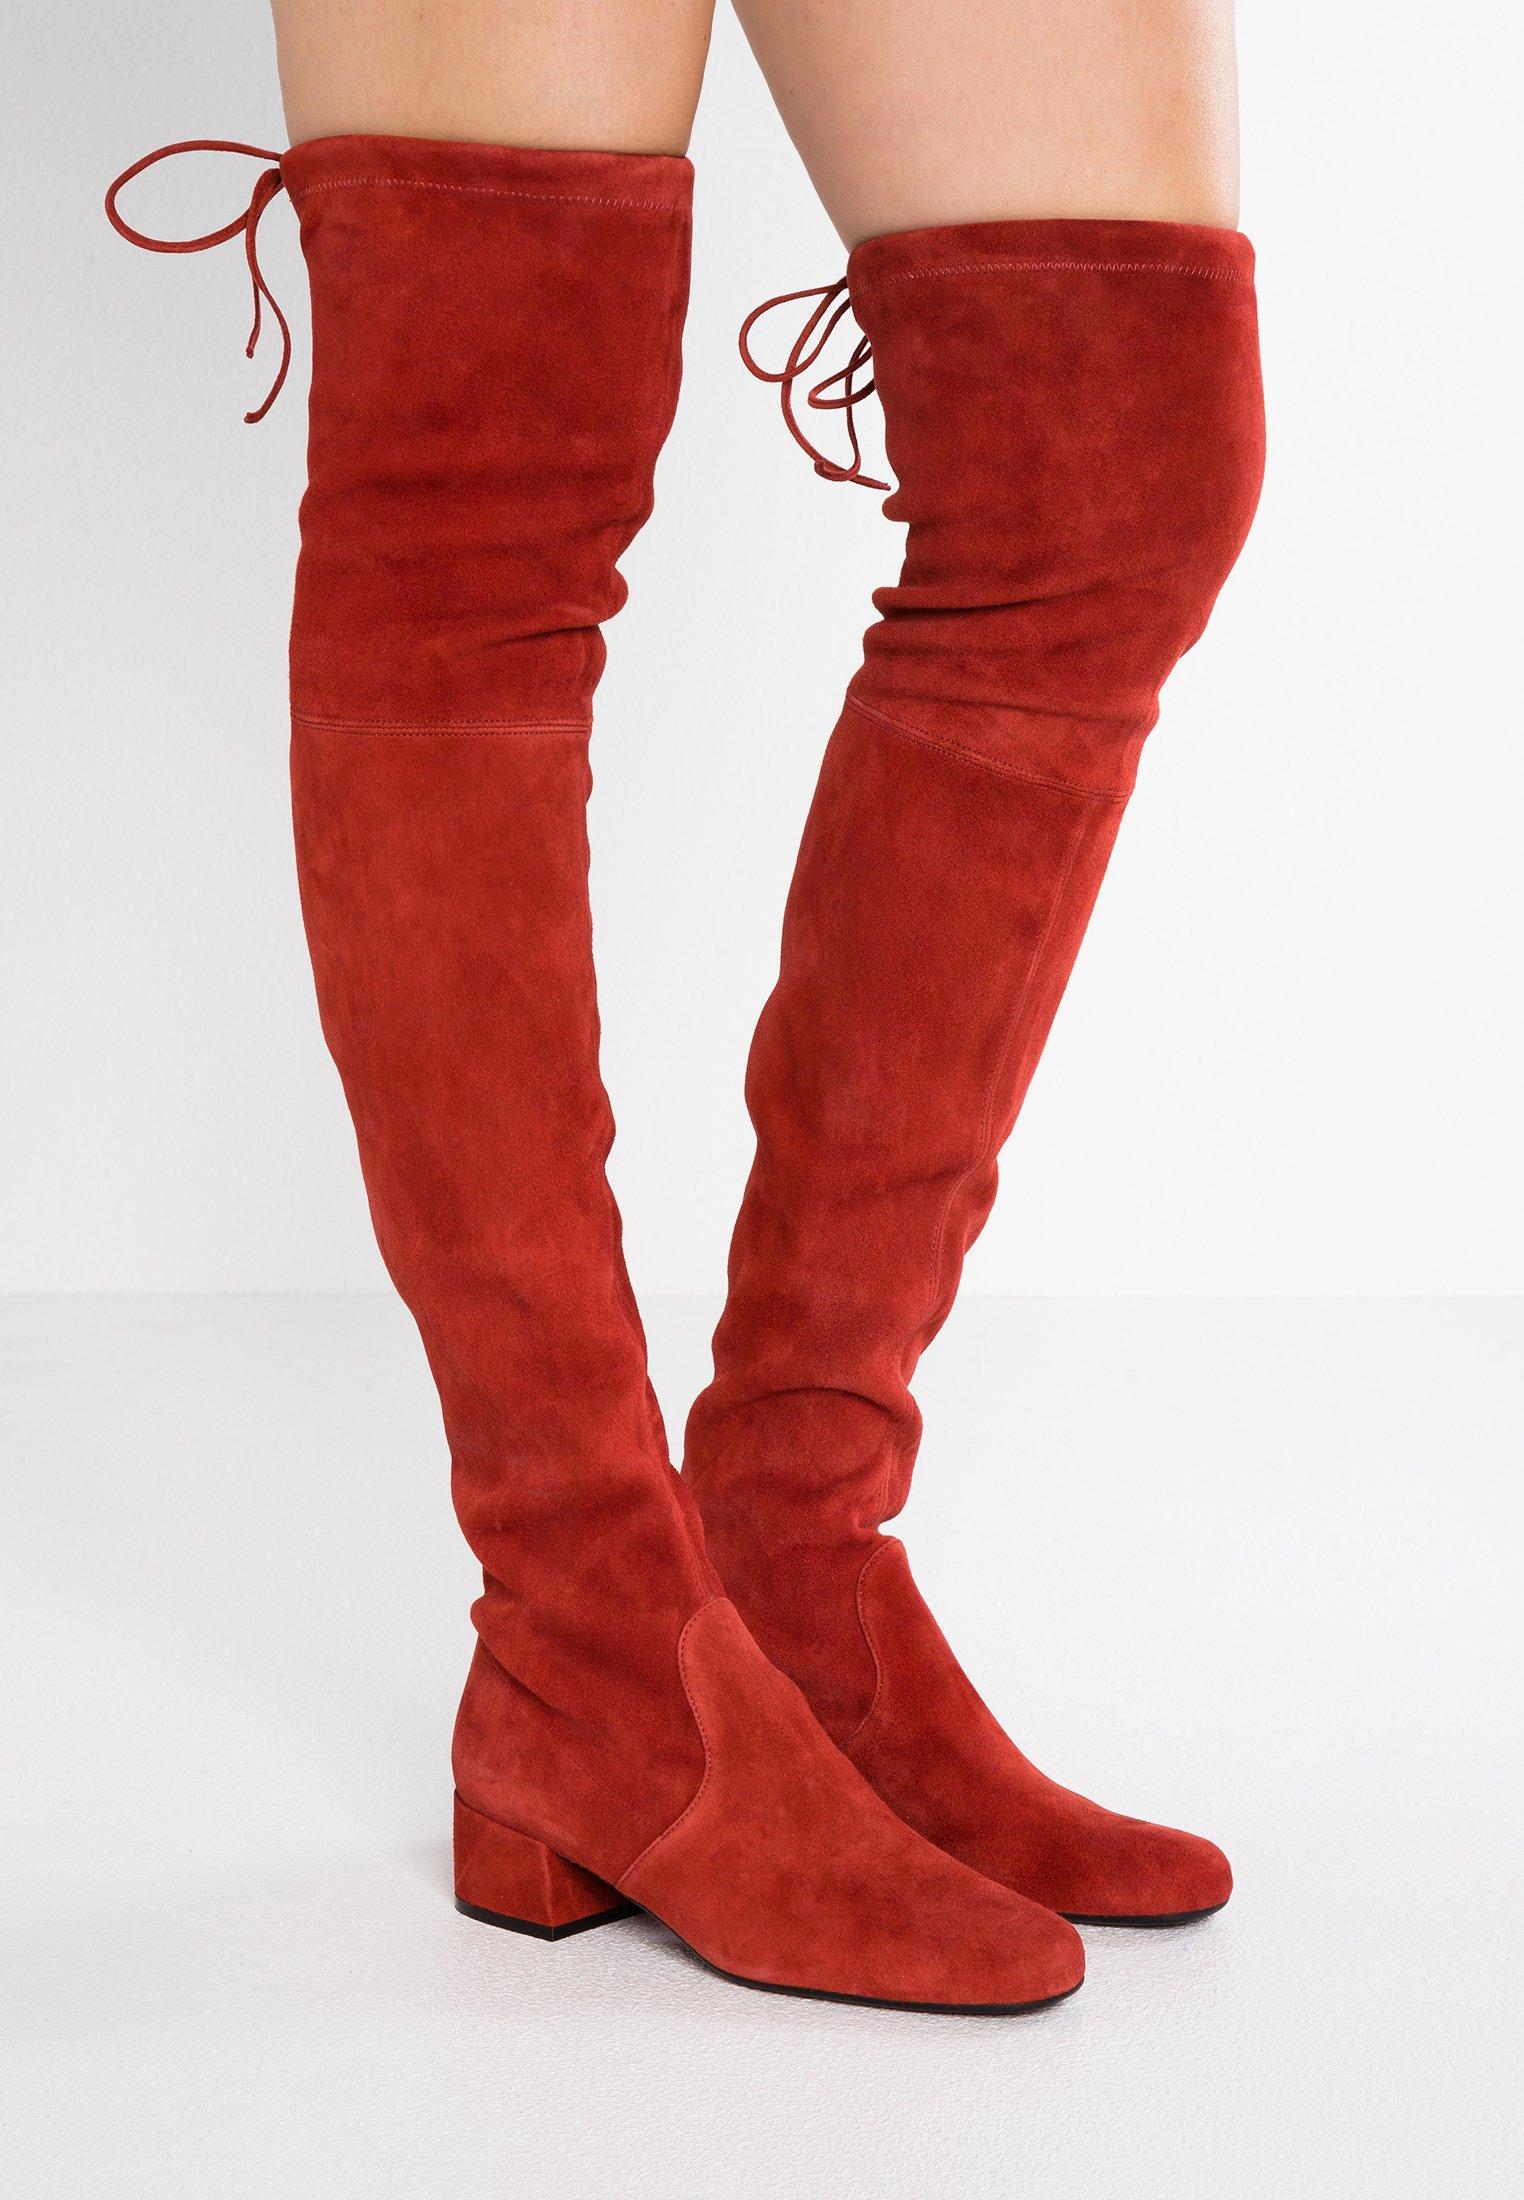 CuissardesMetallic CuissardesMetallic Ballerinas Ballerinas Pretty Pretty Red Red 8wn0mN